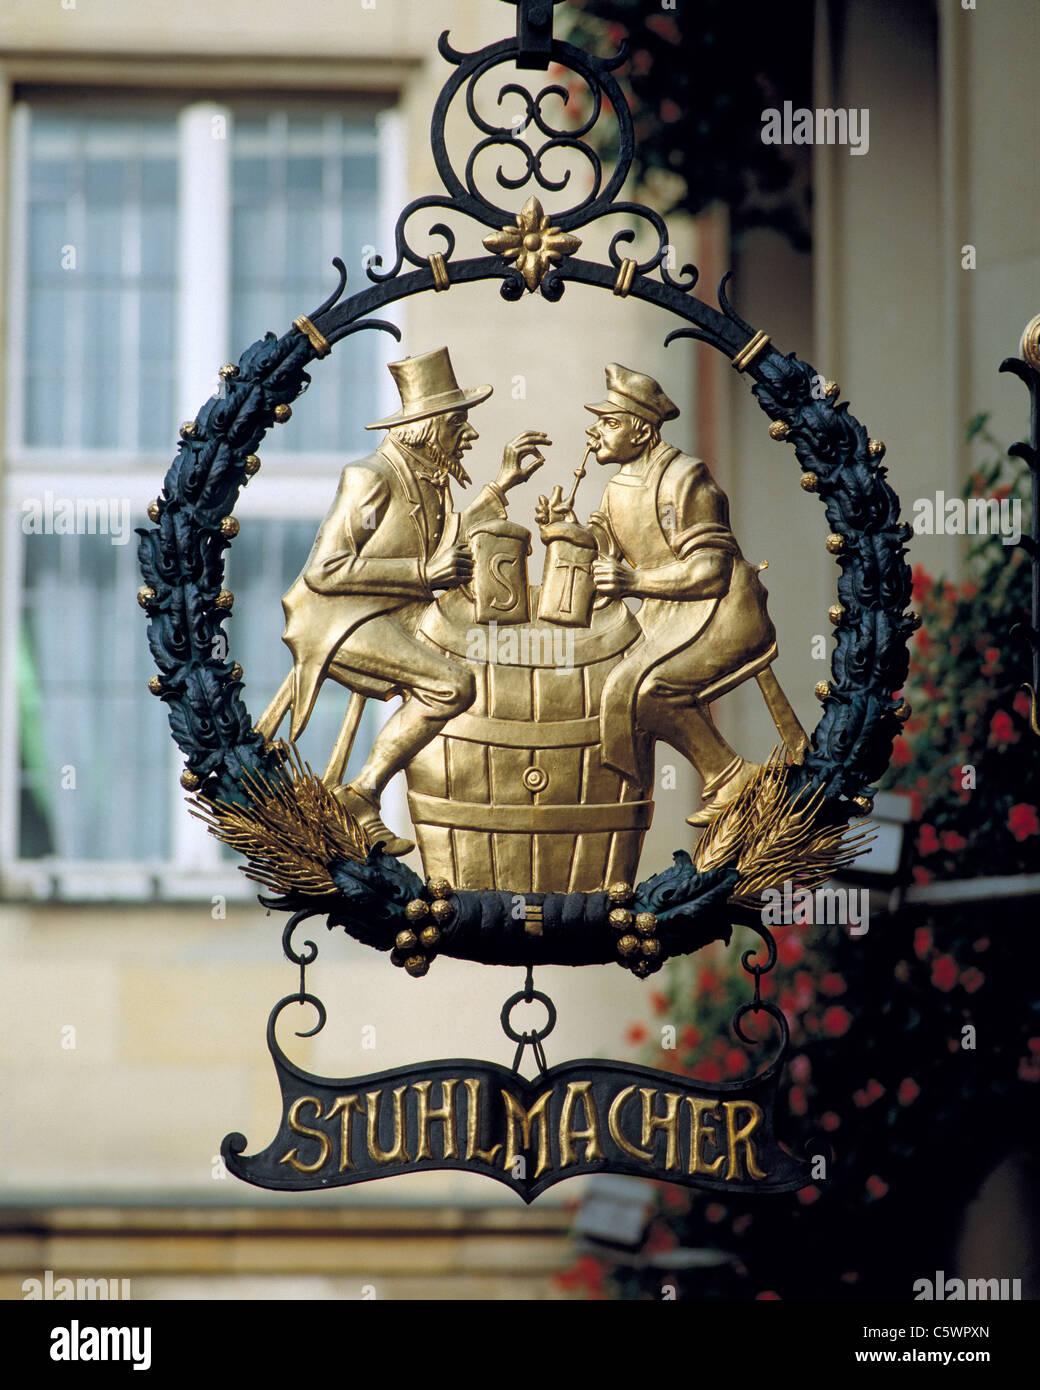 Wirtshausschild Stuhlmacher am Prinzipalmarkt in Muenster, Westfalen, Nordrhein-Westfalen - Stock Image